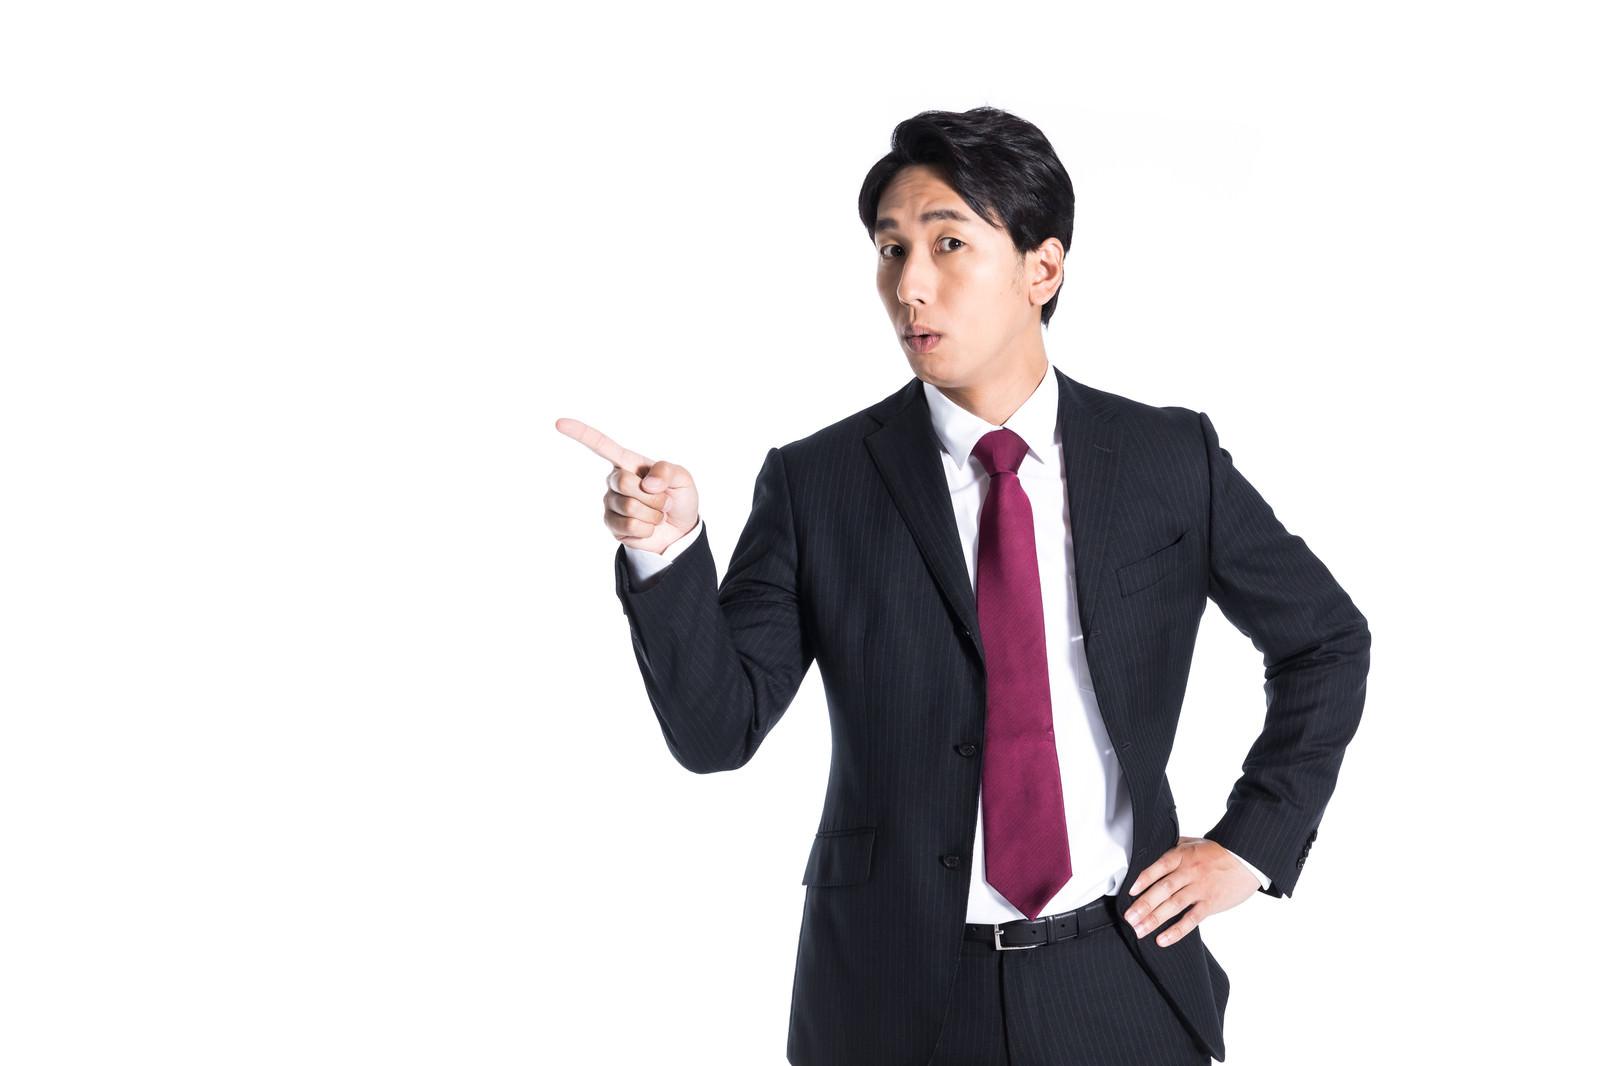 「デキるプレゼンター」の写真[モデル:大川竜弥]